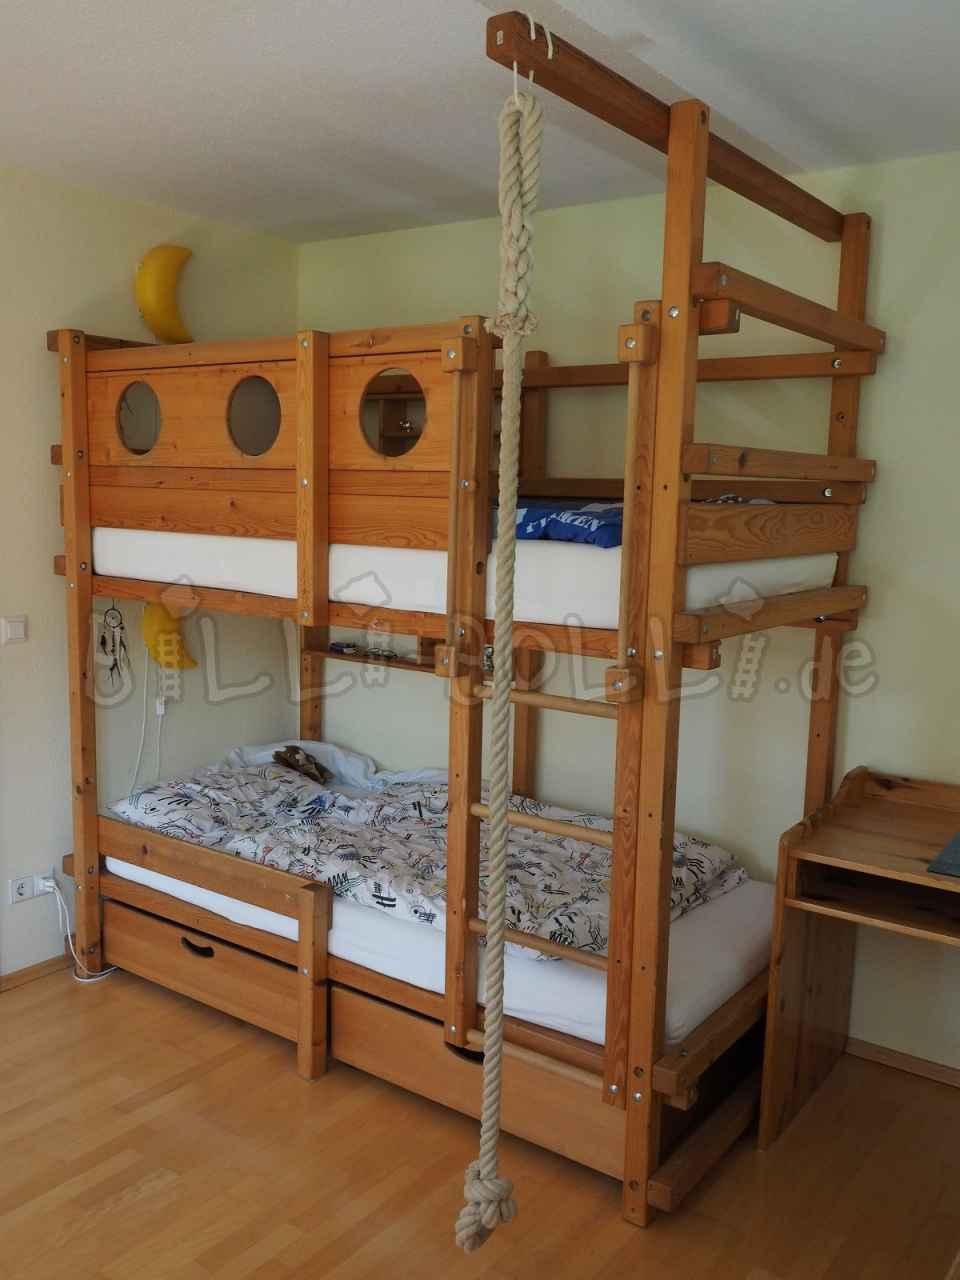 secondhand seite 103 billi bolli kinderm bel. Black Bedroom Furniture Sets. Home Design Ideas